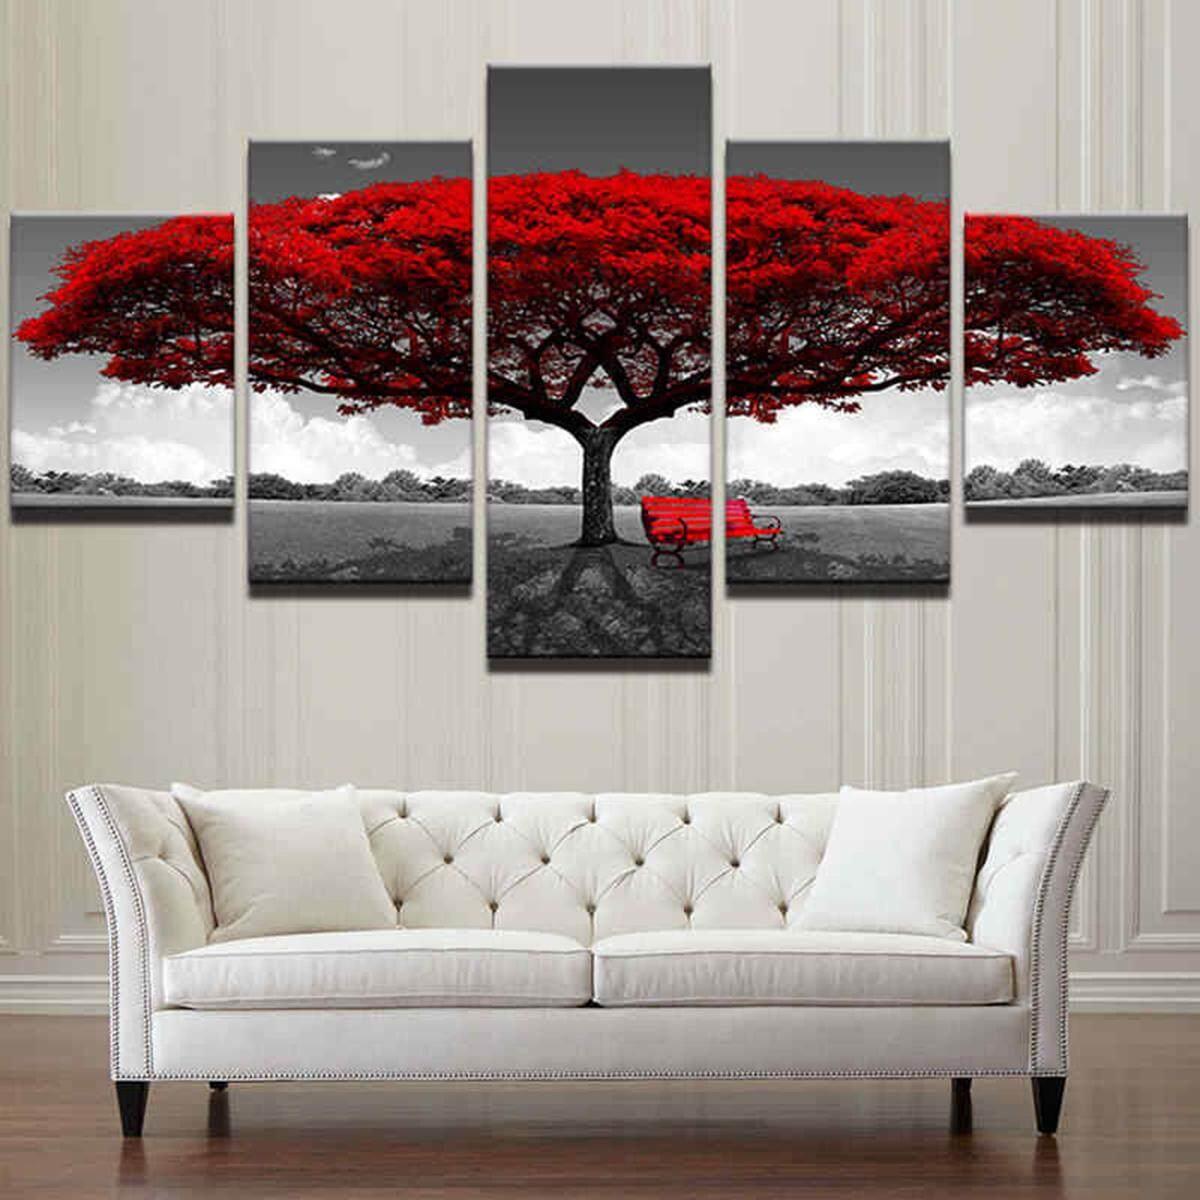 Trang Trí nhà In Canvas Tranh Nghệ thuật treo Tường Hiện Đại Đỏ Cây Phong Cảnh Cuốn Tặng 10x15x2 10x20x2 10x25